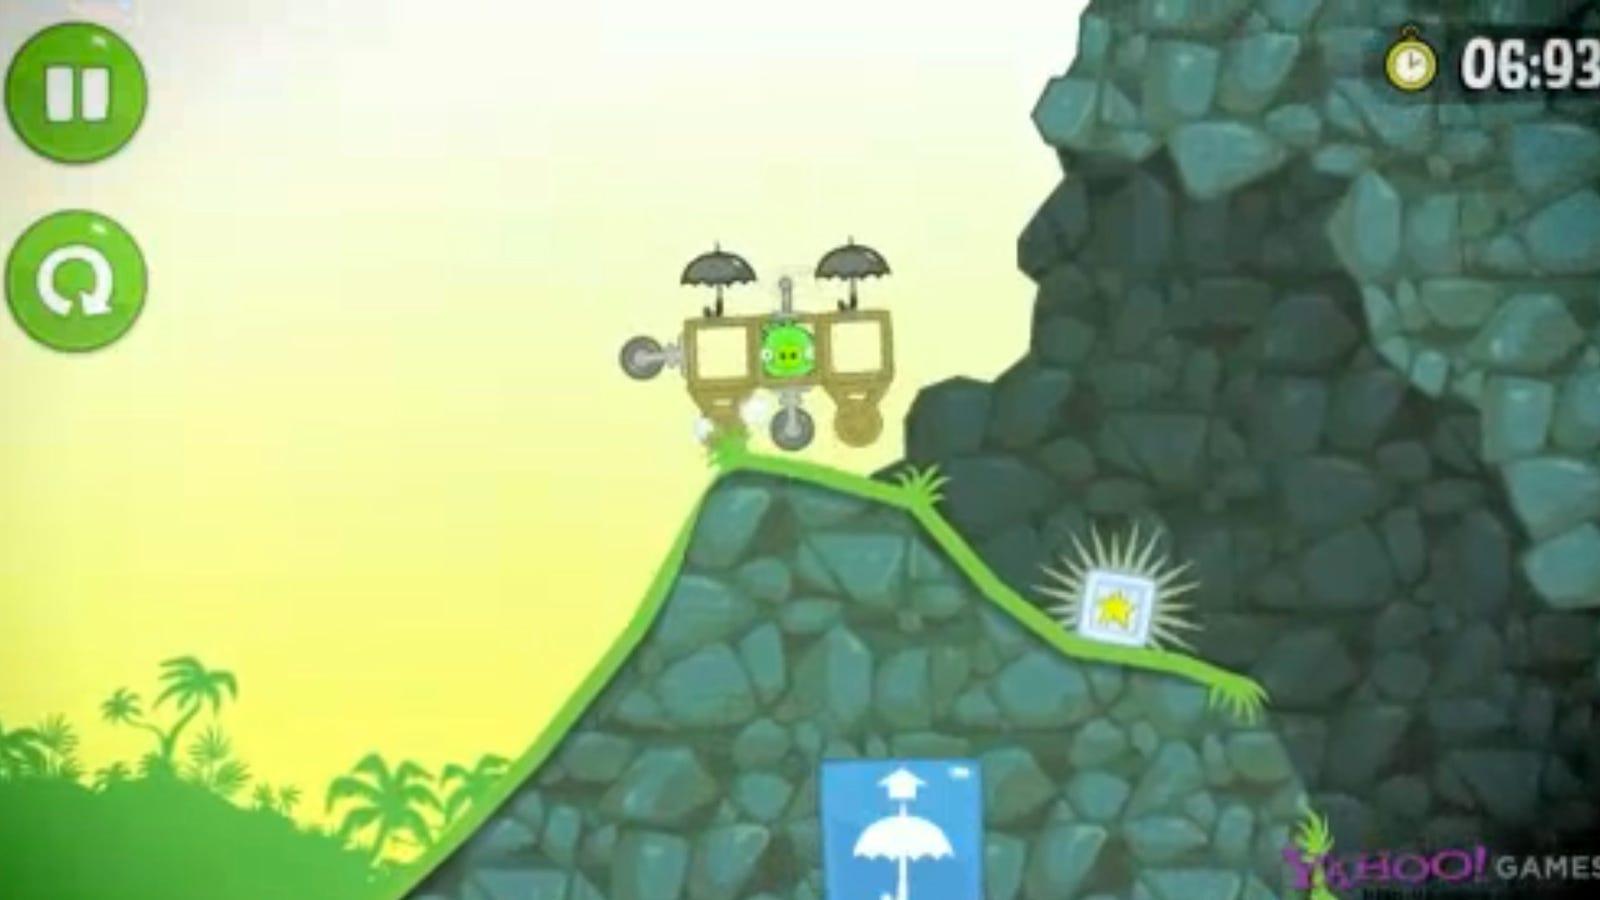 Trial xtreme 4 это игра, продолжающая популярнейшую серию гоночных аркад для android